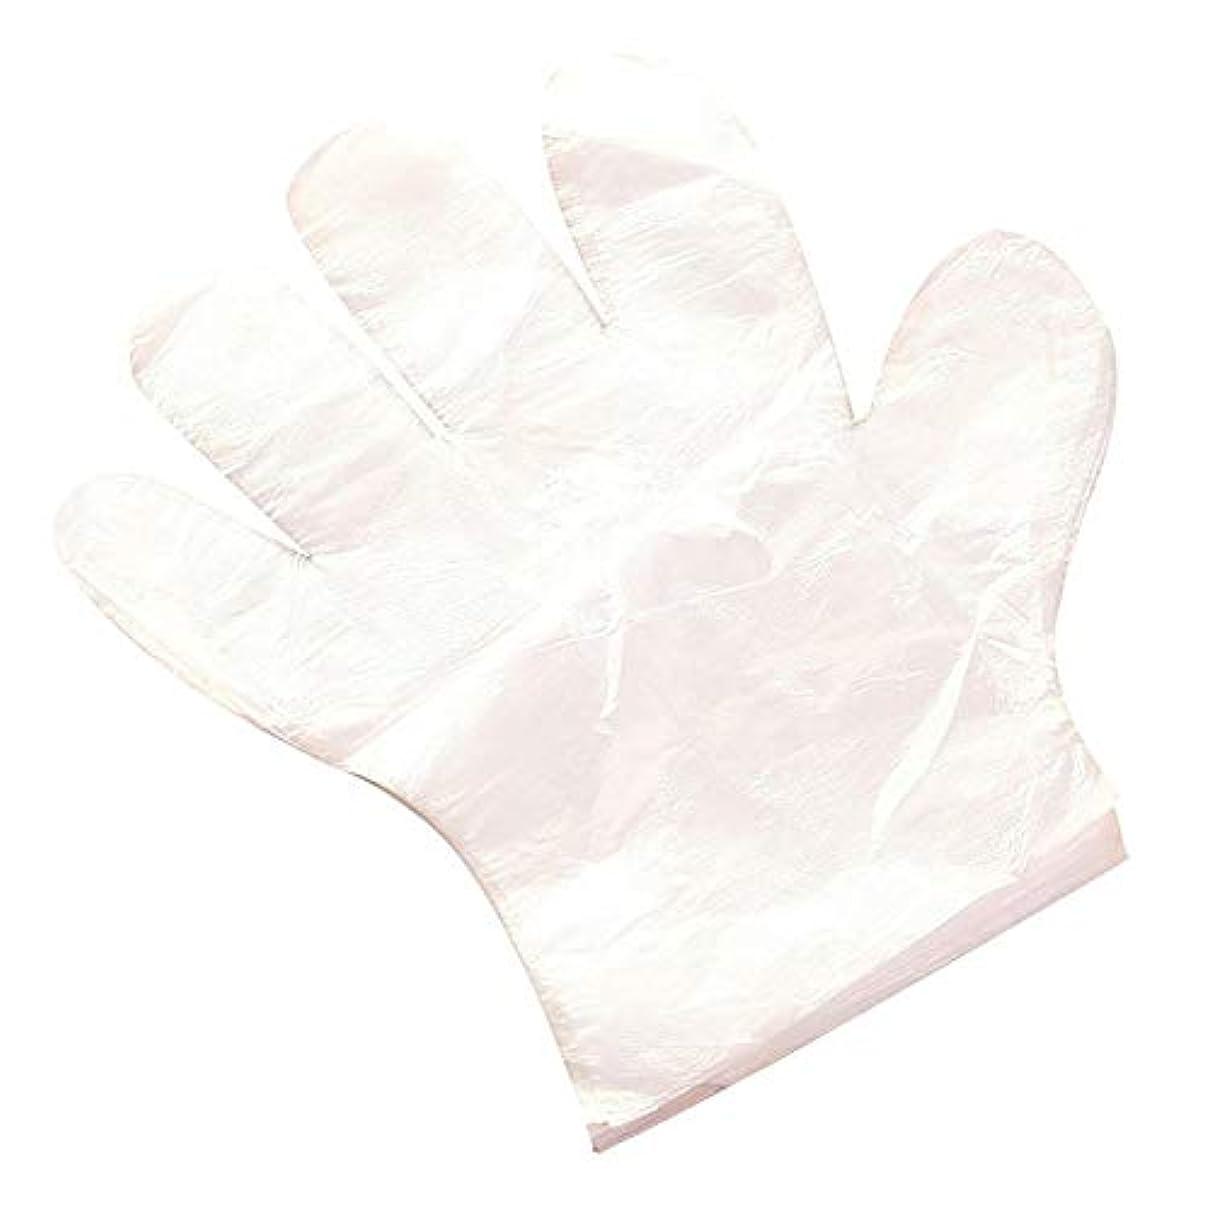 ボードキャスト会員Profeel 透明なプラスチック製使い捨て手袋レストランホームサービスケータリング衛生用品